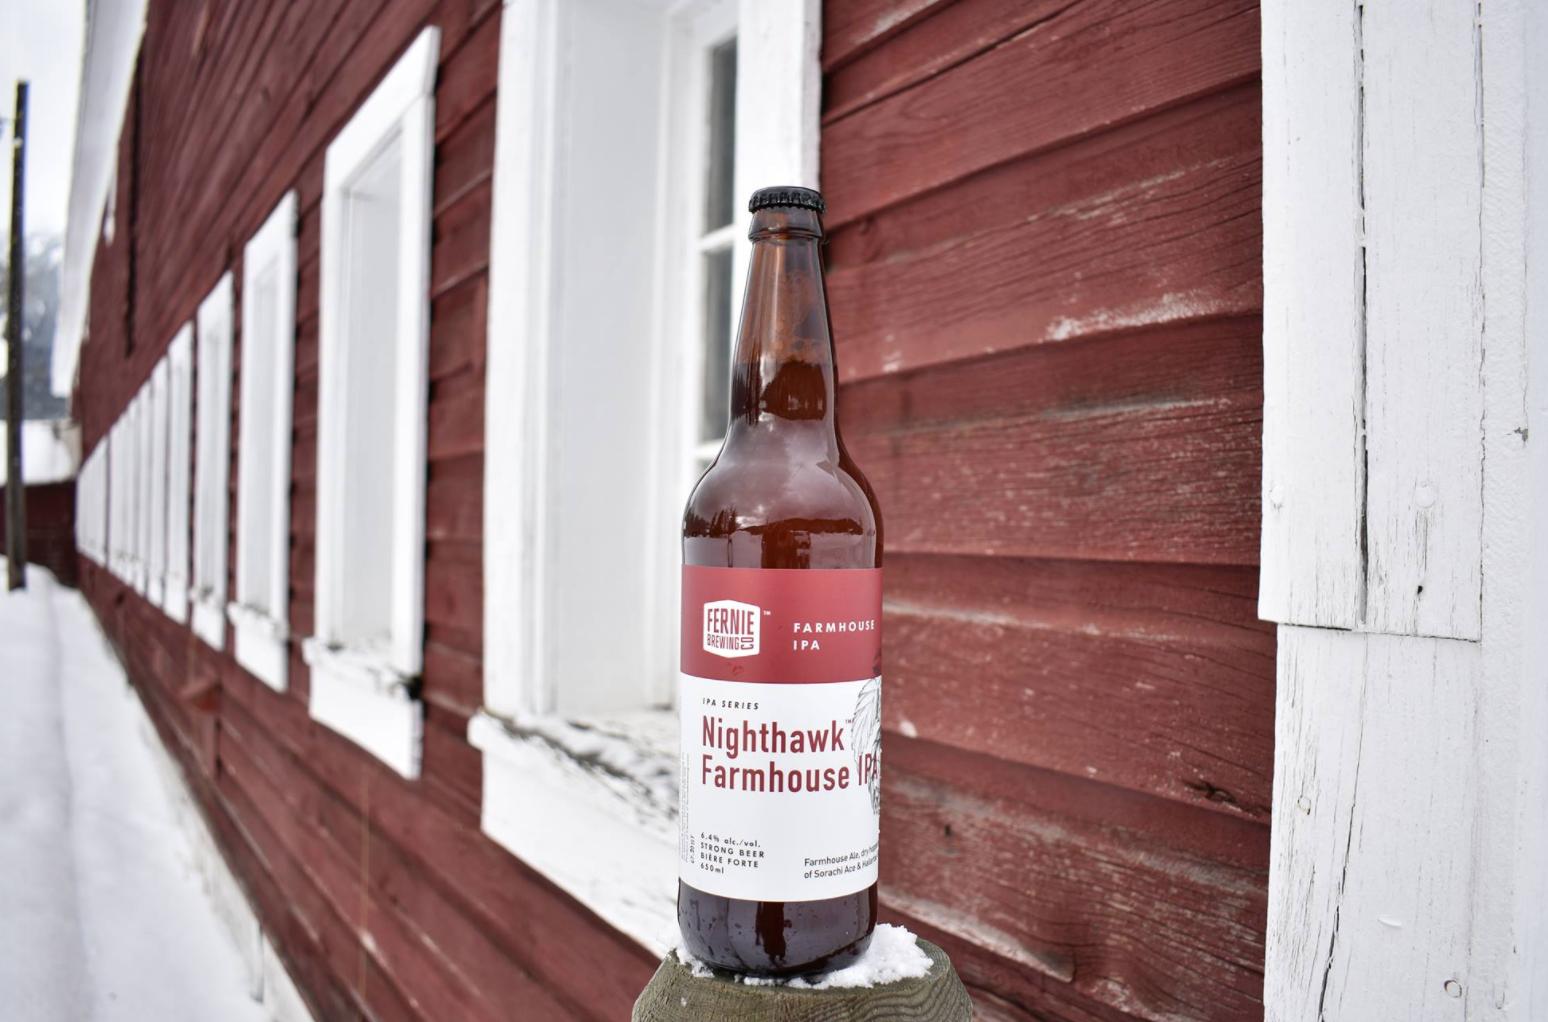 Nighthawk Farmhouse IPA Launch